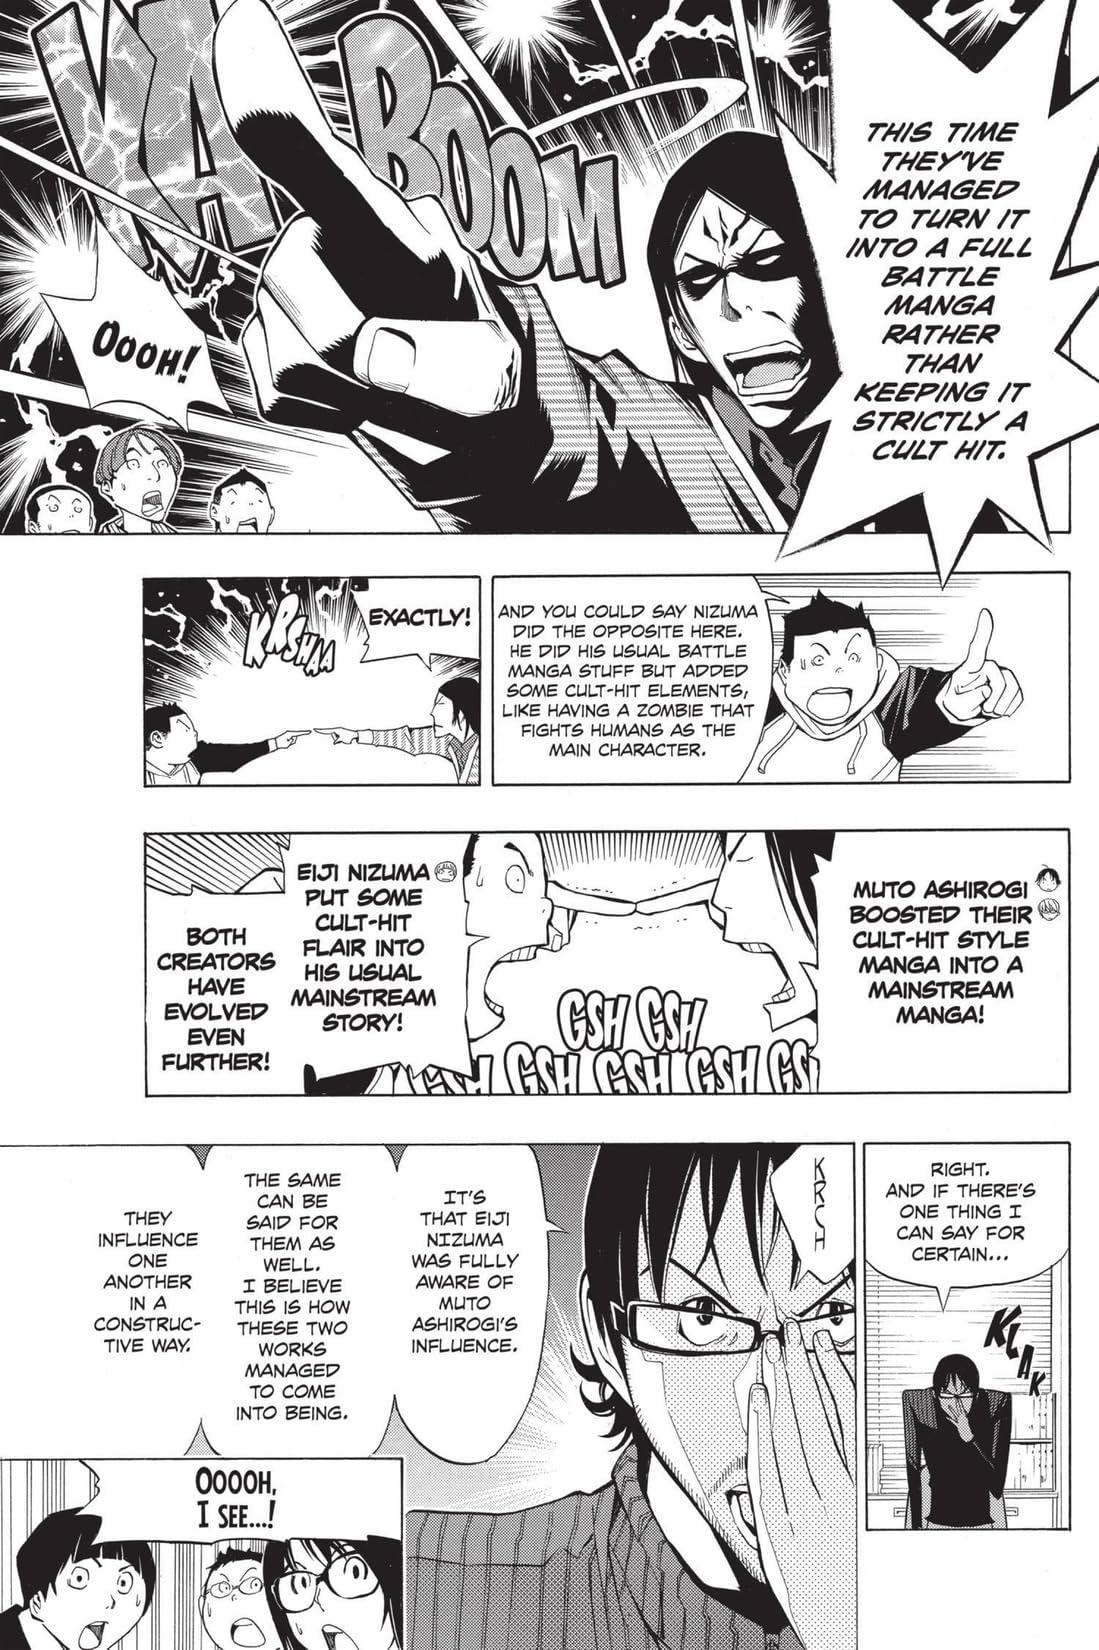 Bakuman Vol. 18